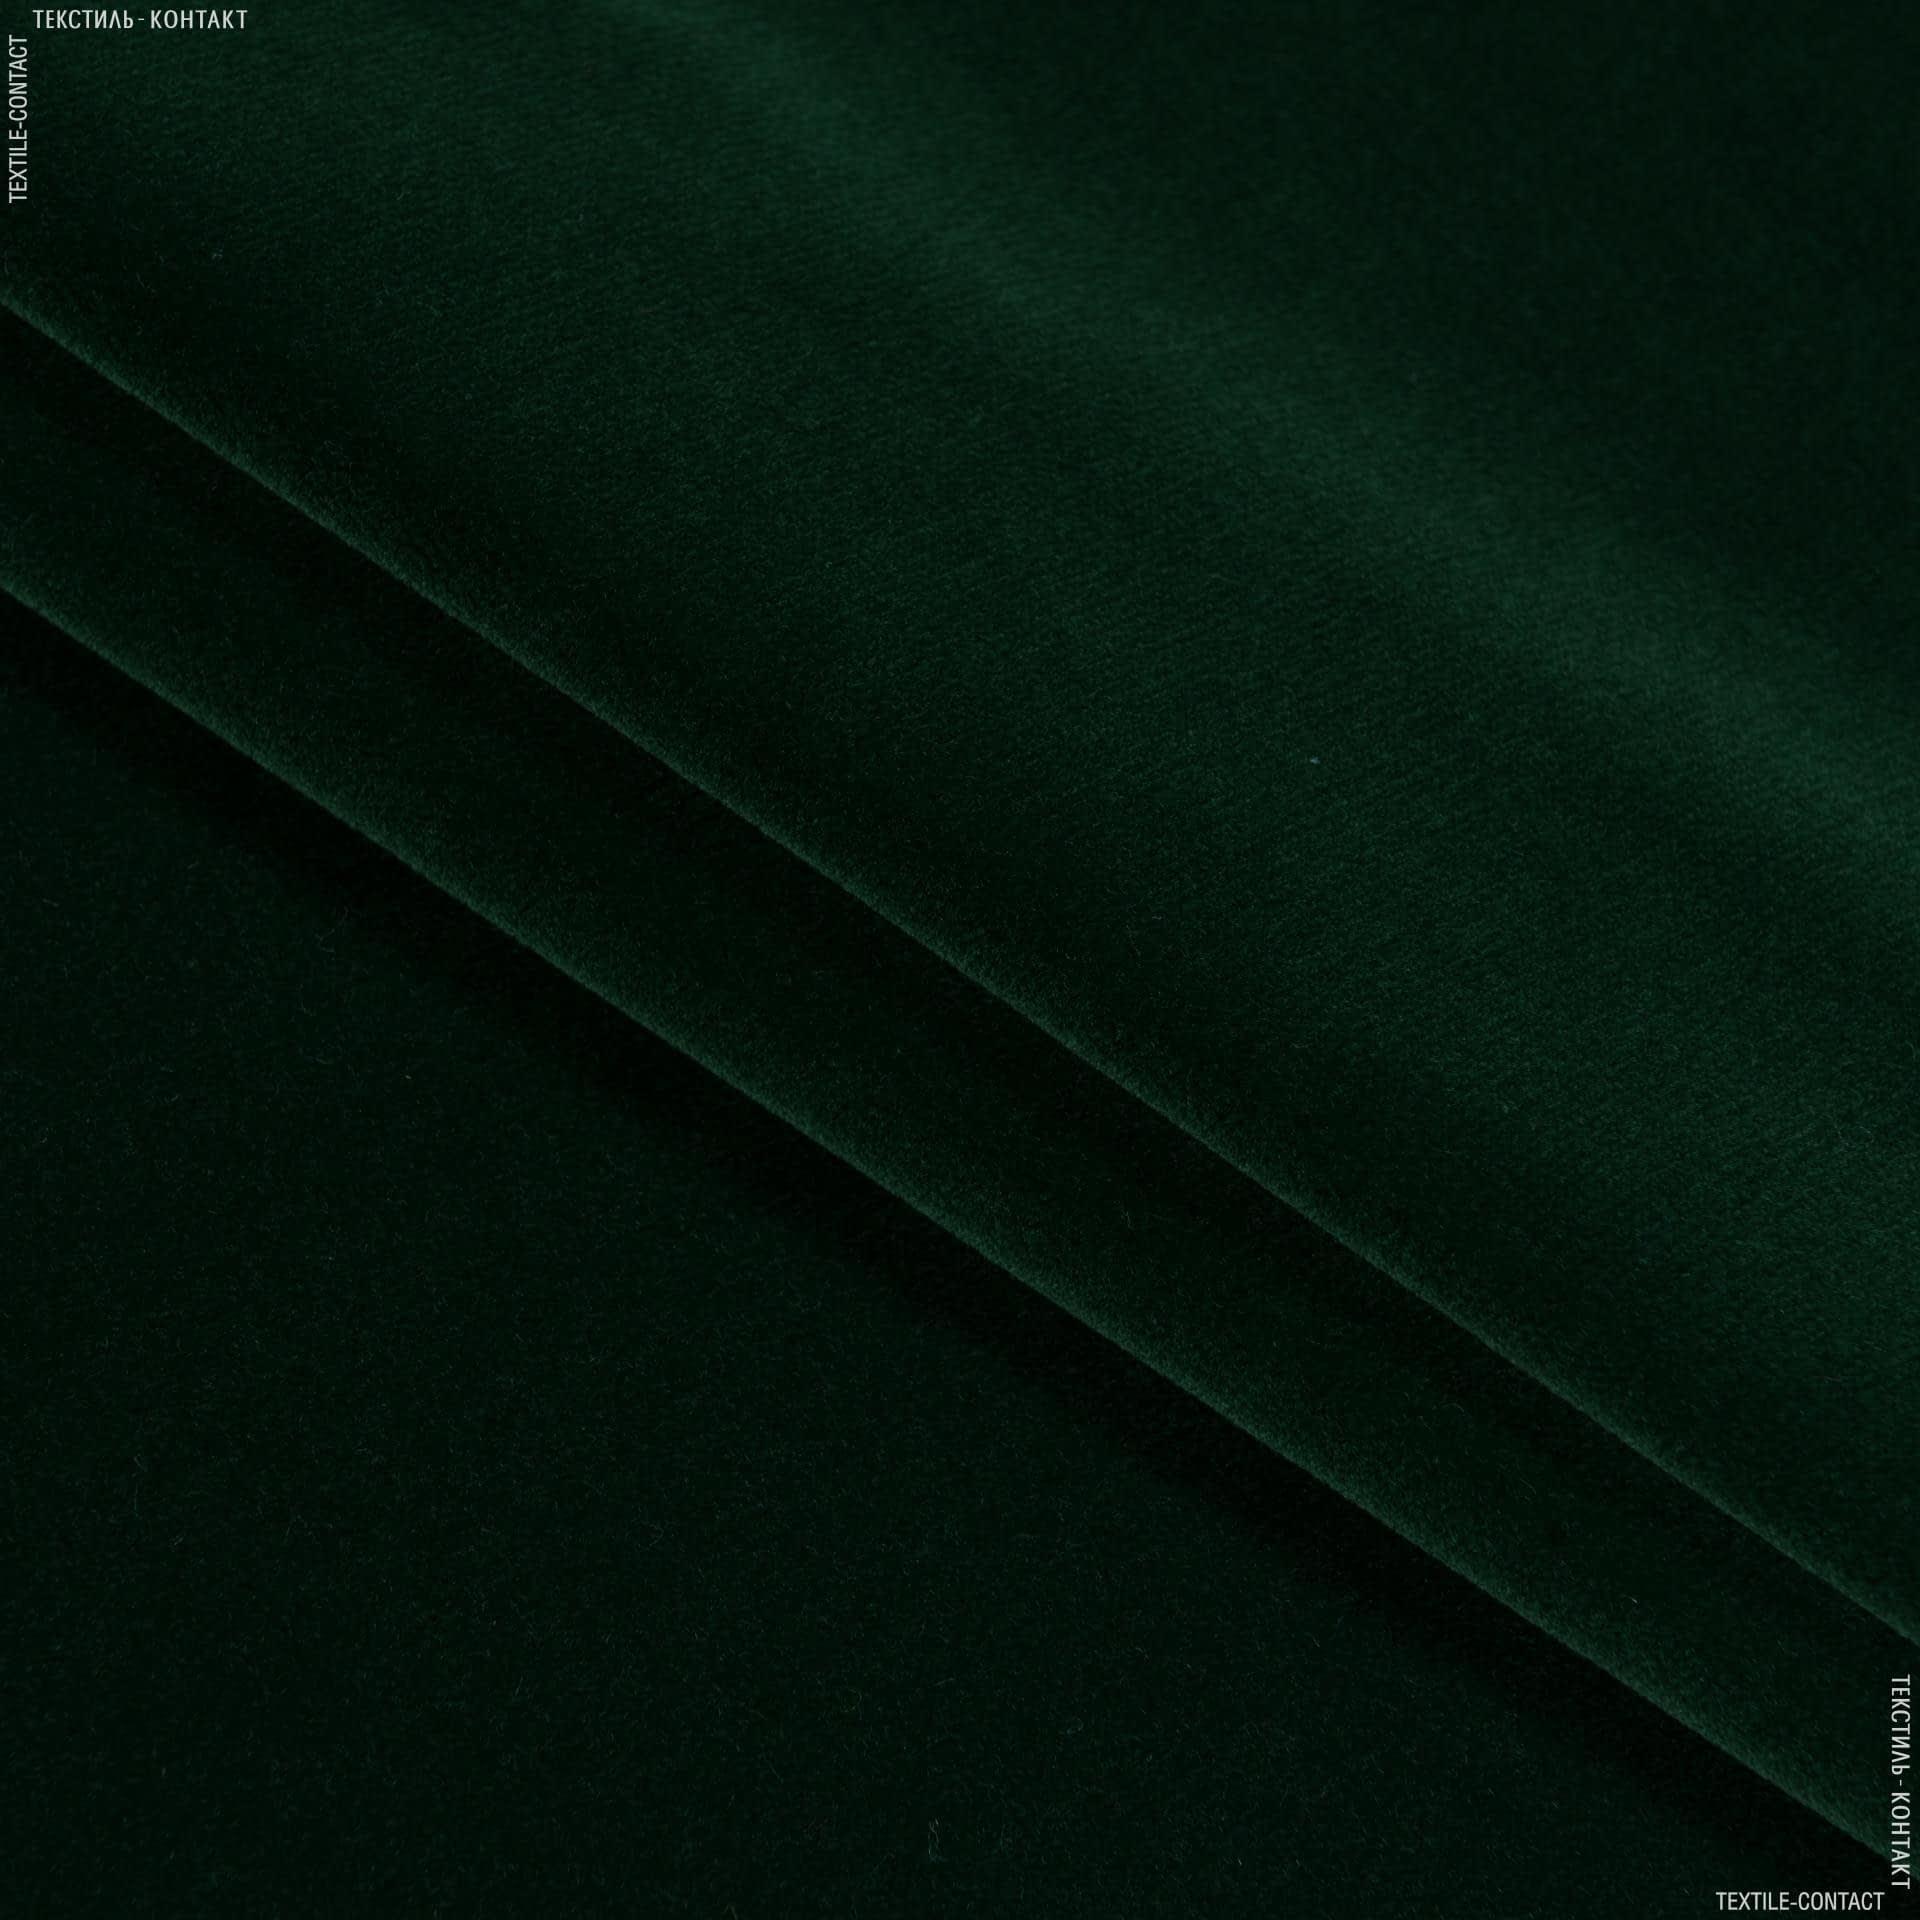 Тканини для меблів - Велюр белфаст/belfast мох